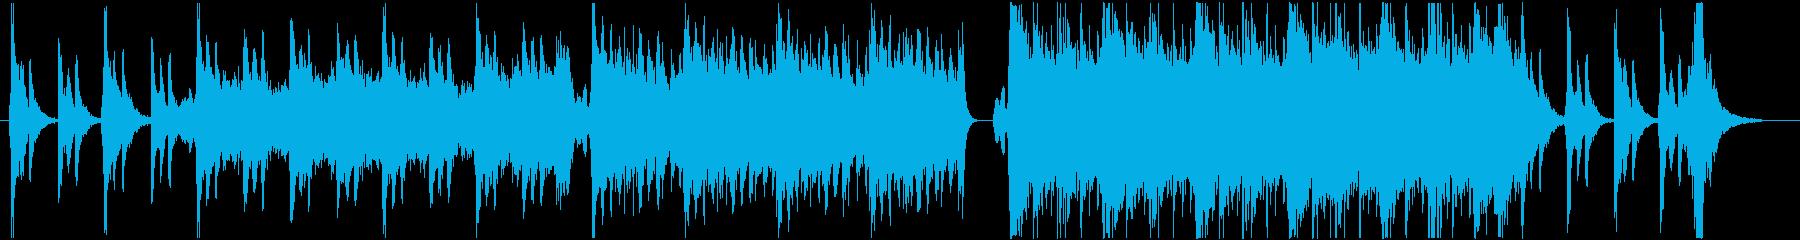 ファンタジー系の壮大なオーケストラBGMの再生済みの波形